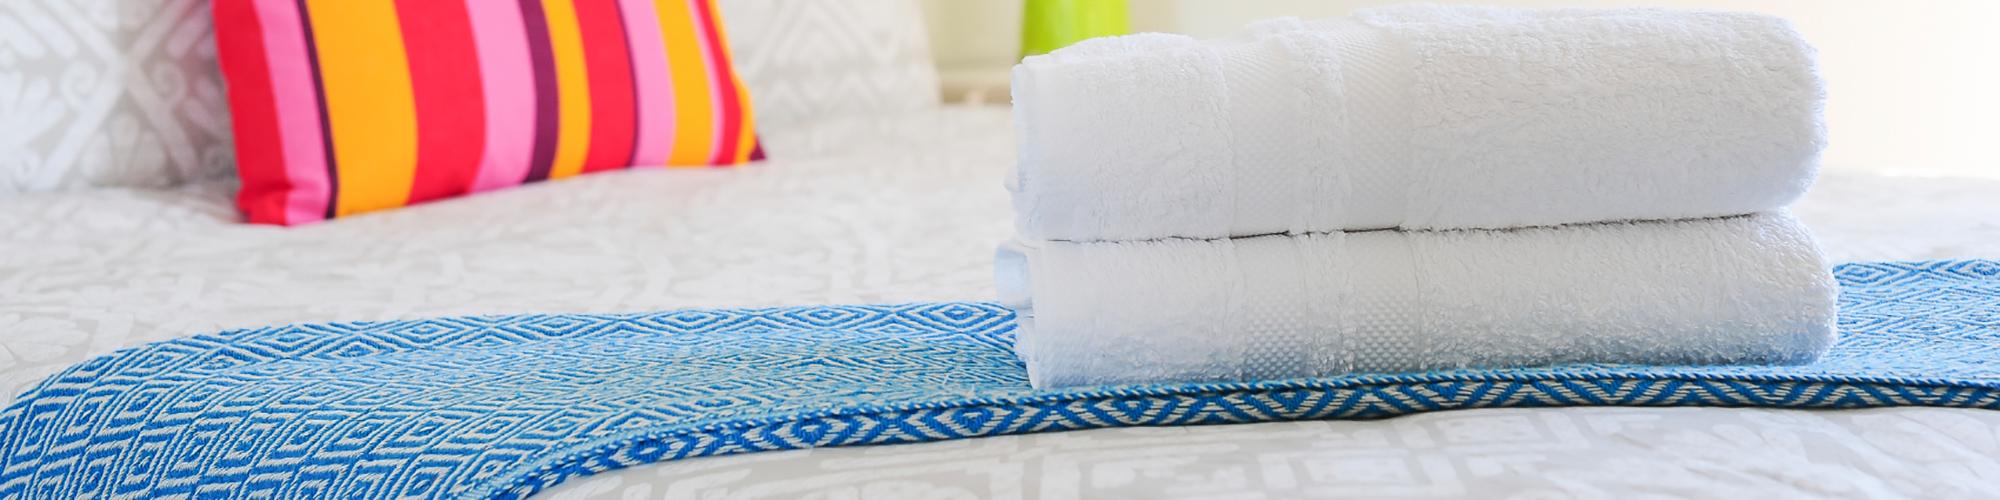 cotton-craft-towels-slider